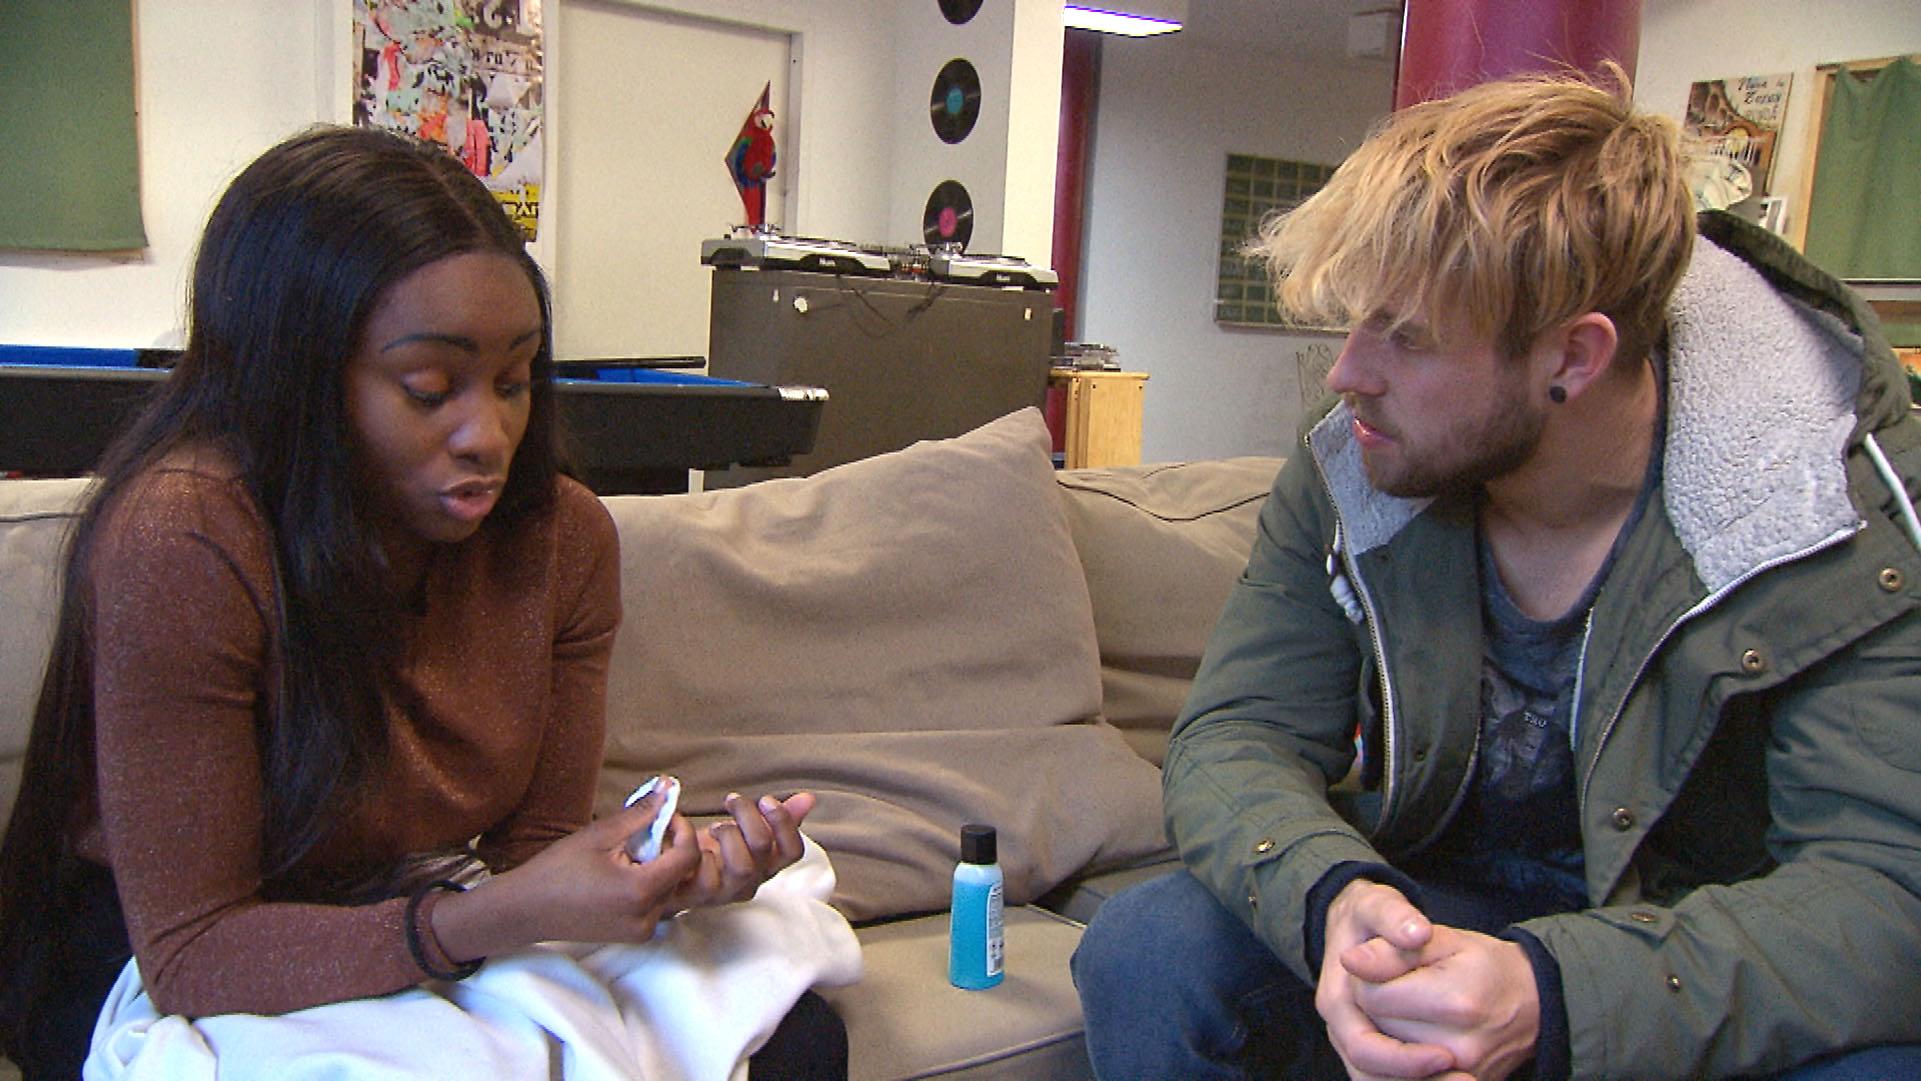 Durch Michelle (li.) erkennt Chris, dass ihn niemand zwingen kann, mit Anna befreundet zu sein... (Quelle: RTL 2)